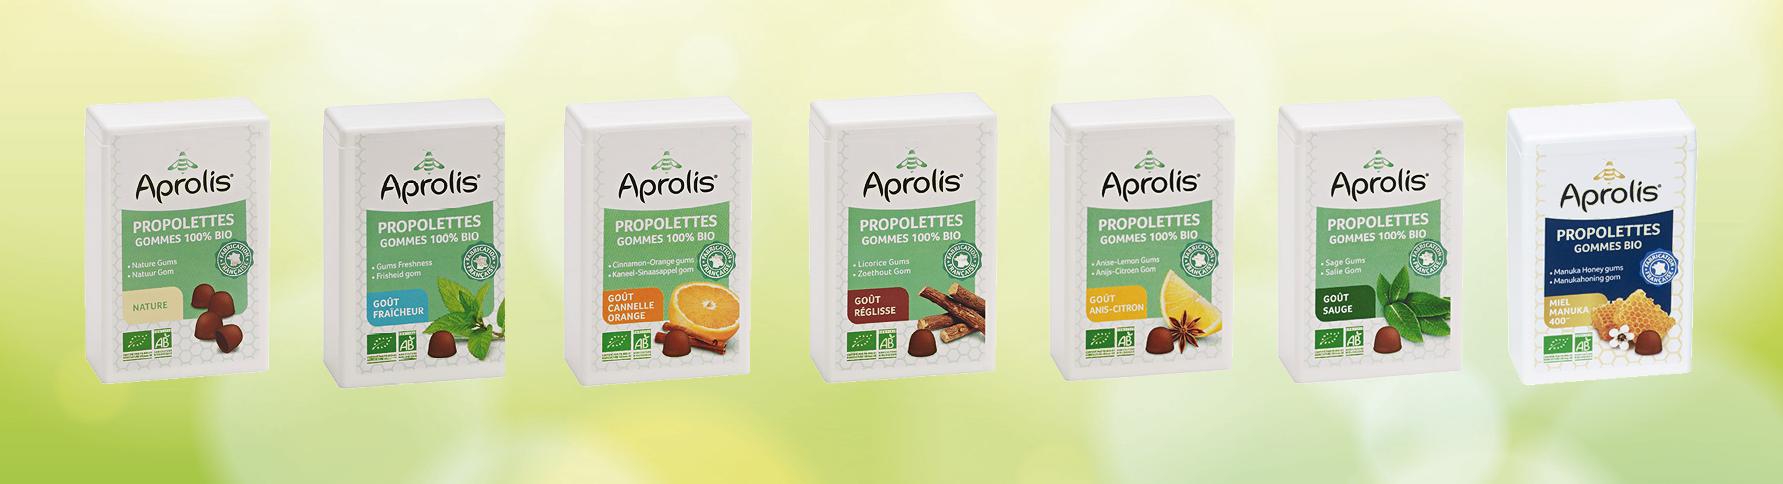 Propolettes